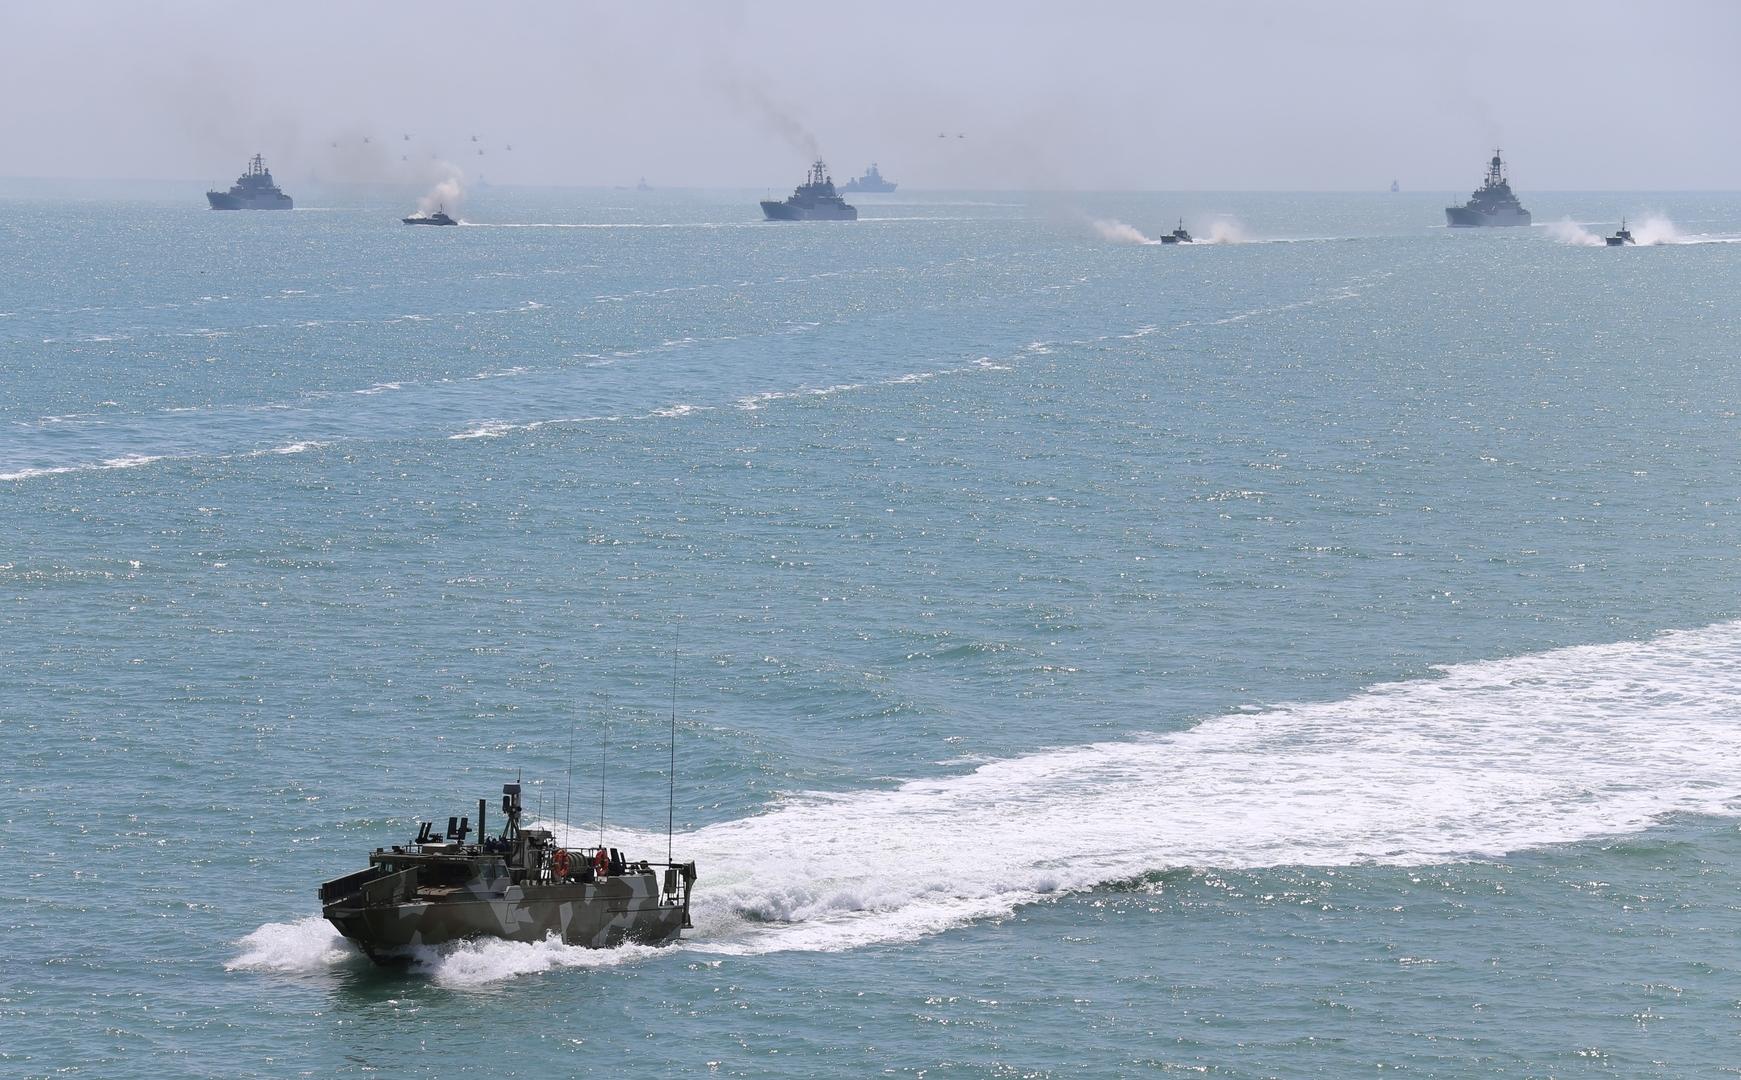 الدفاع الروسية: نراقب تحركات القوات المشاركة في مناورات